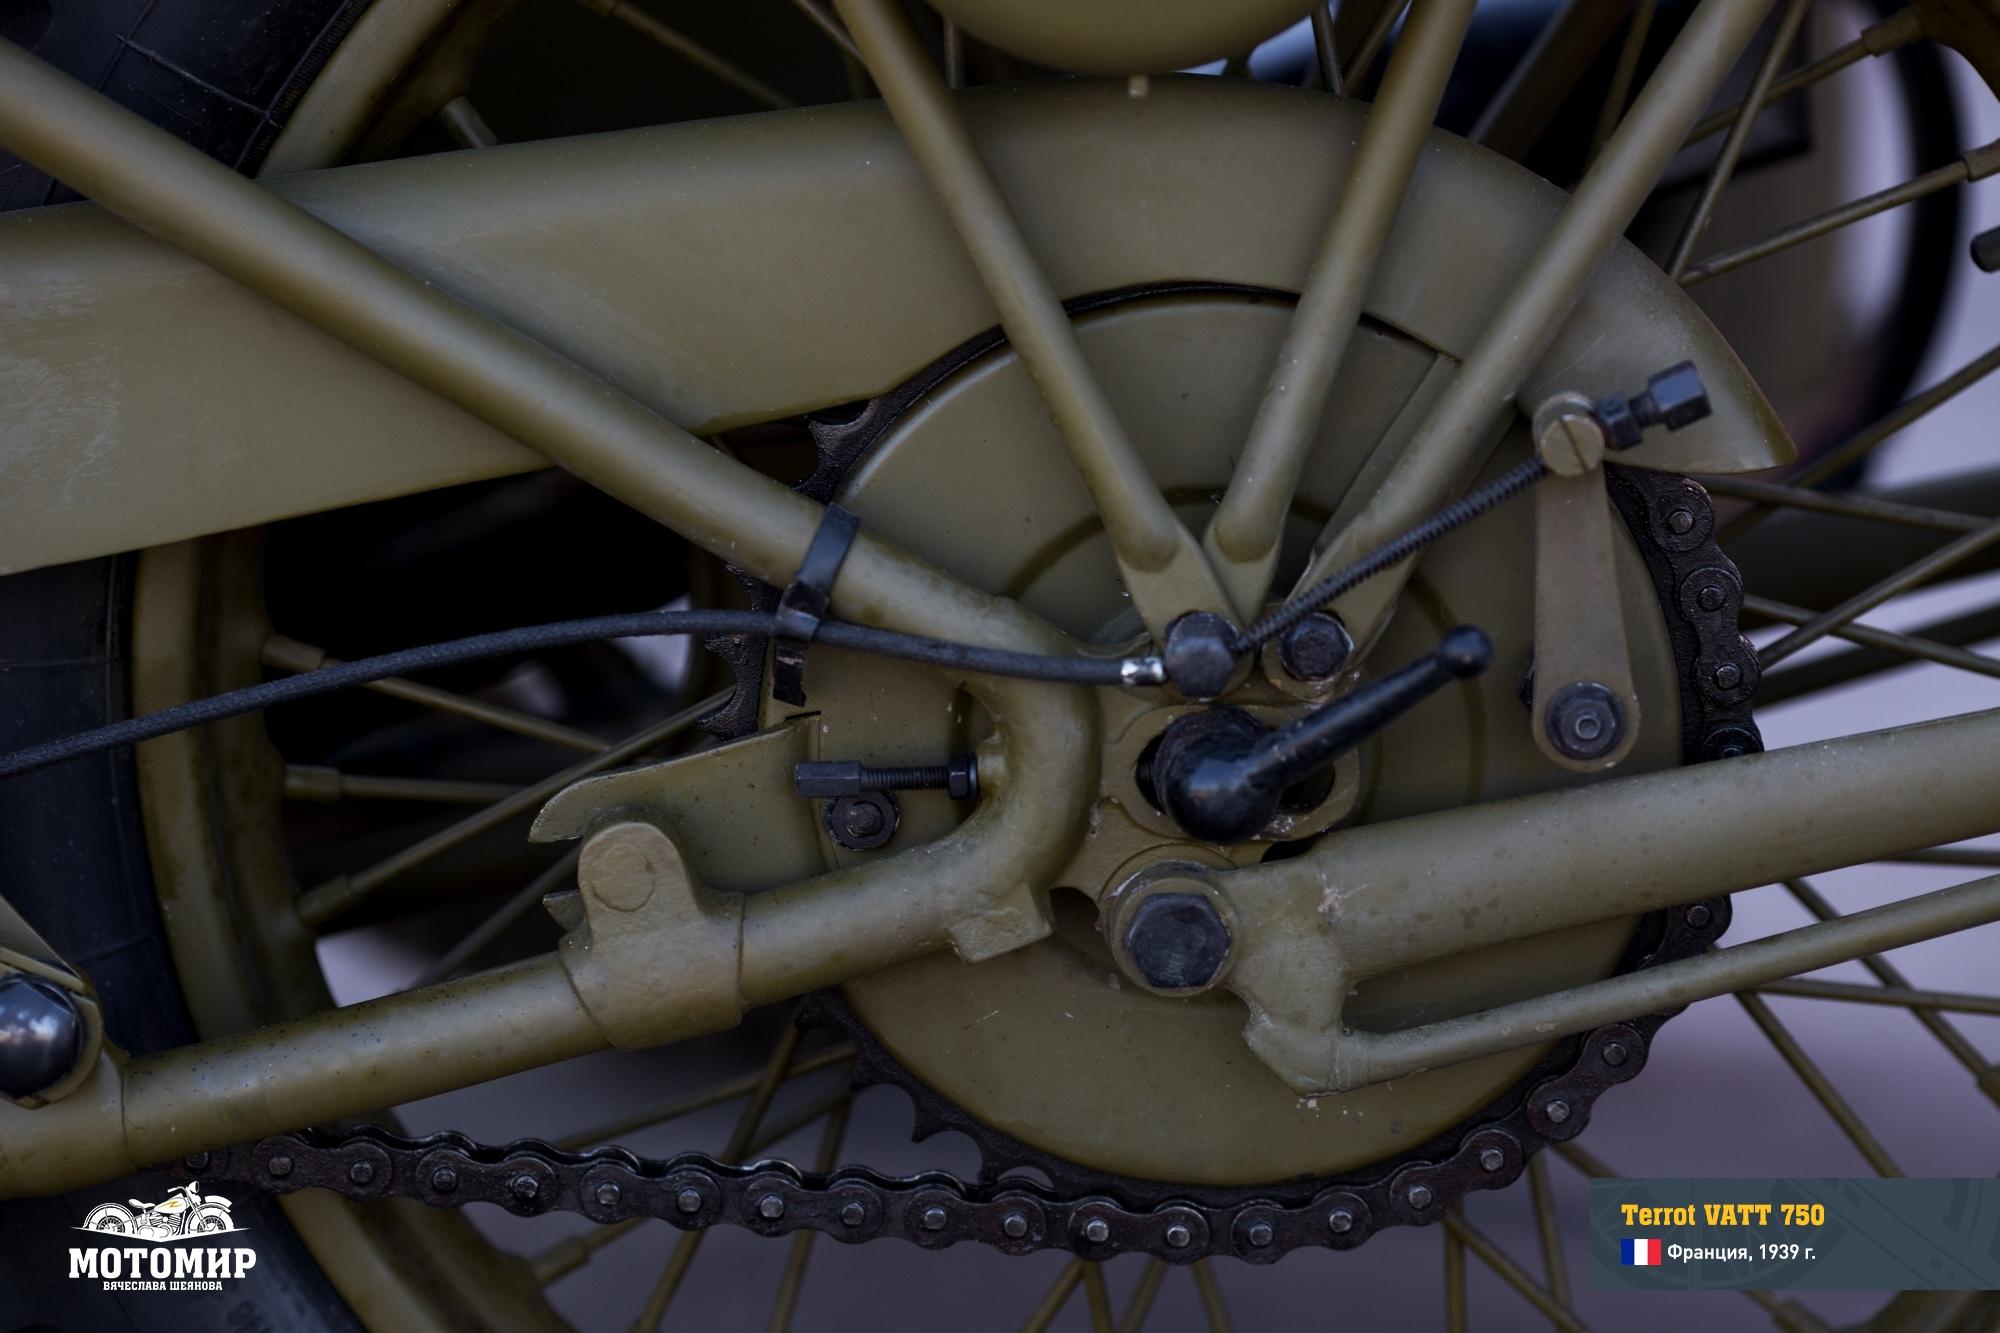 terrot-vatt-750-201507-web-12